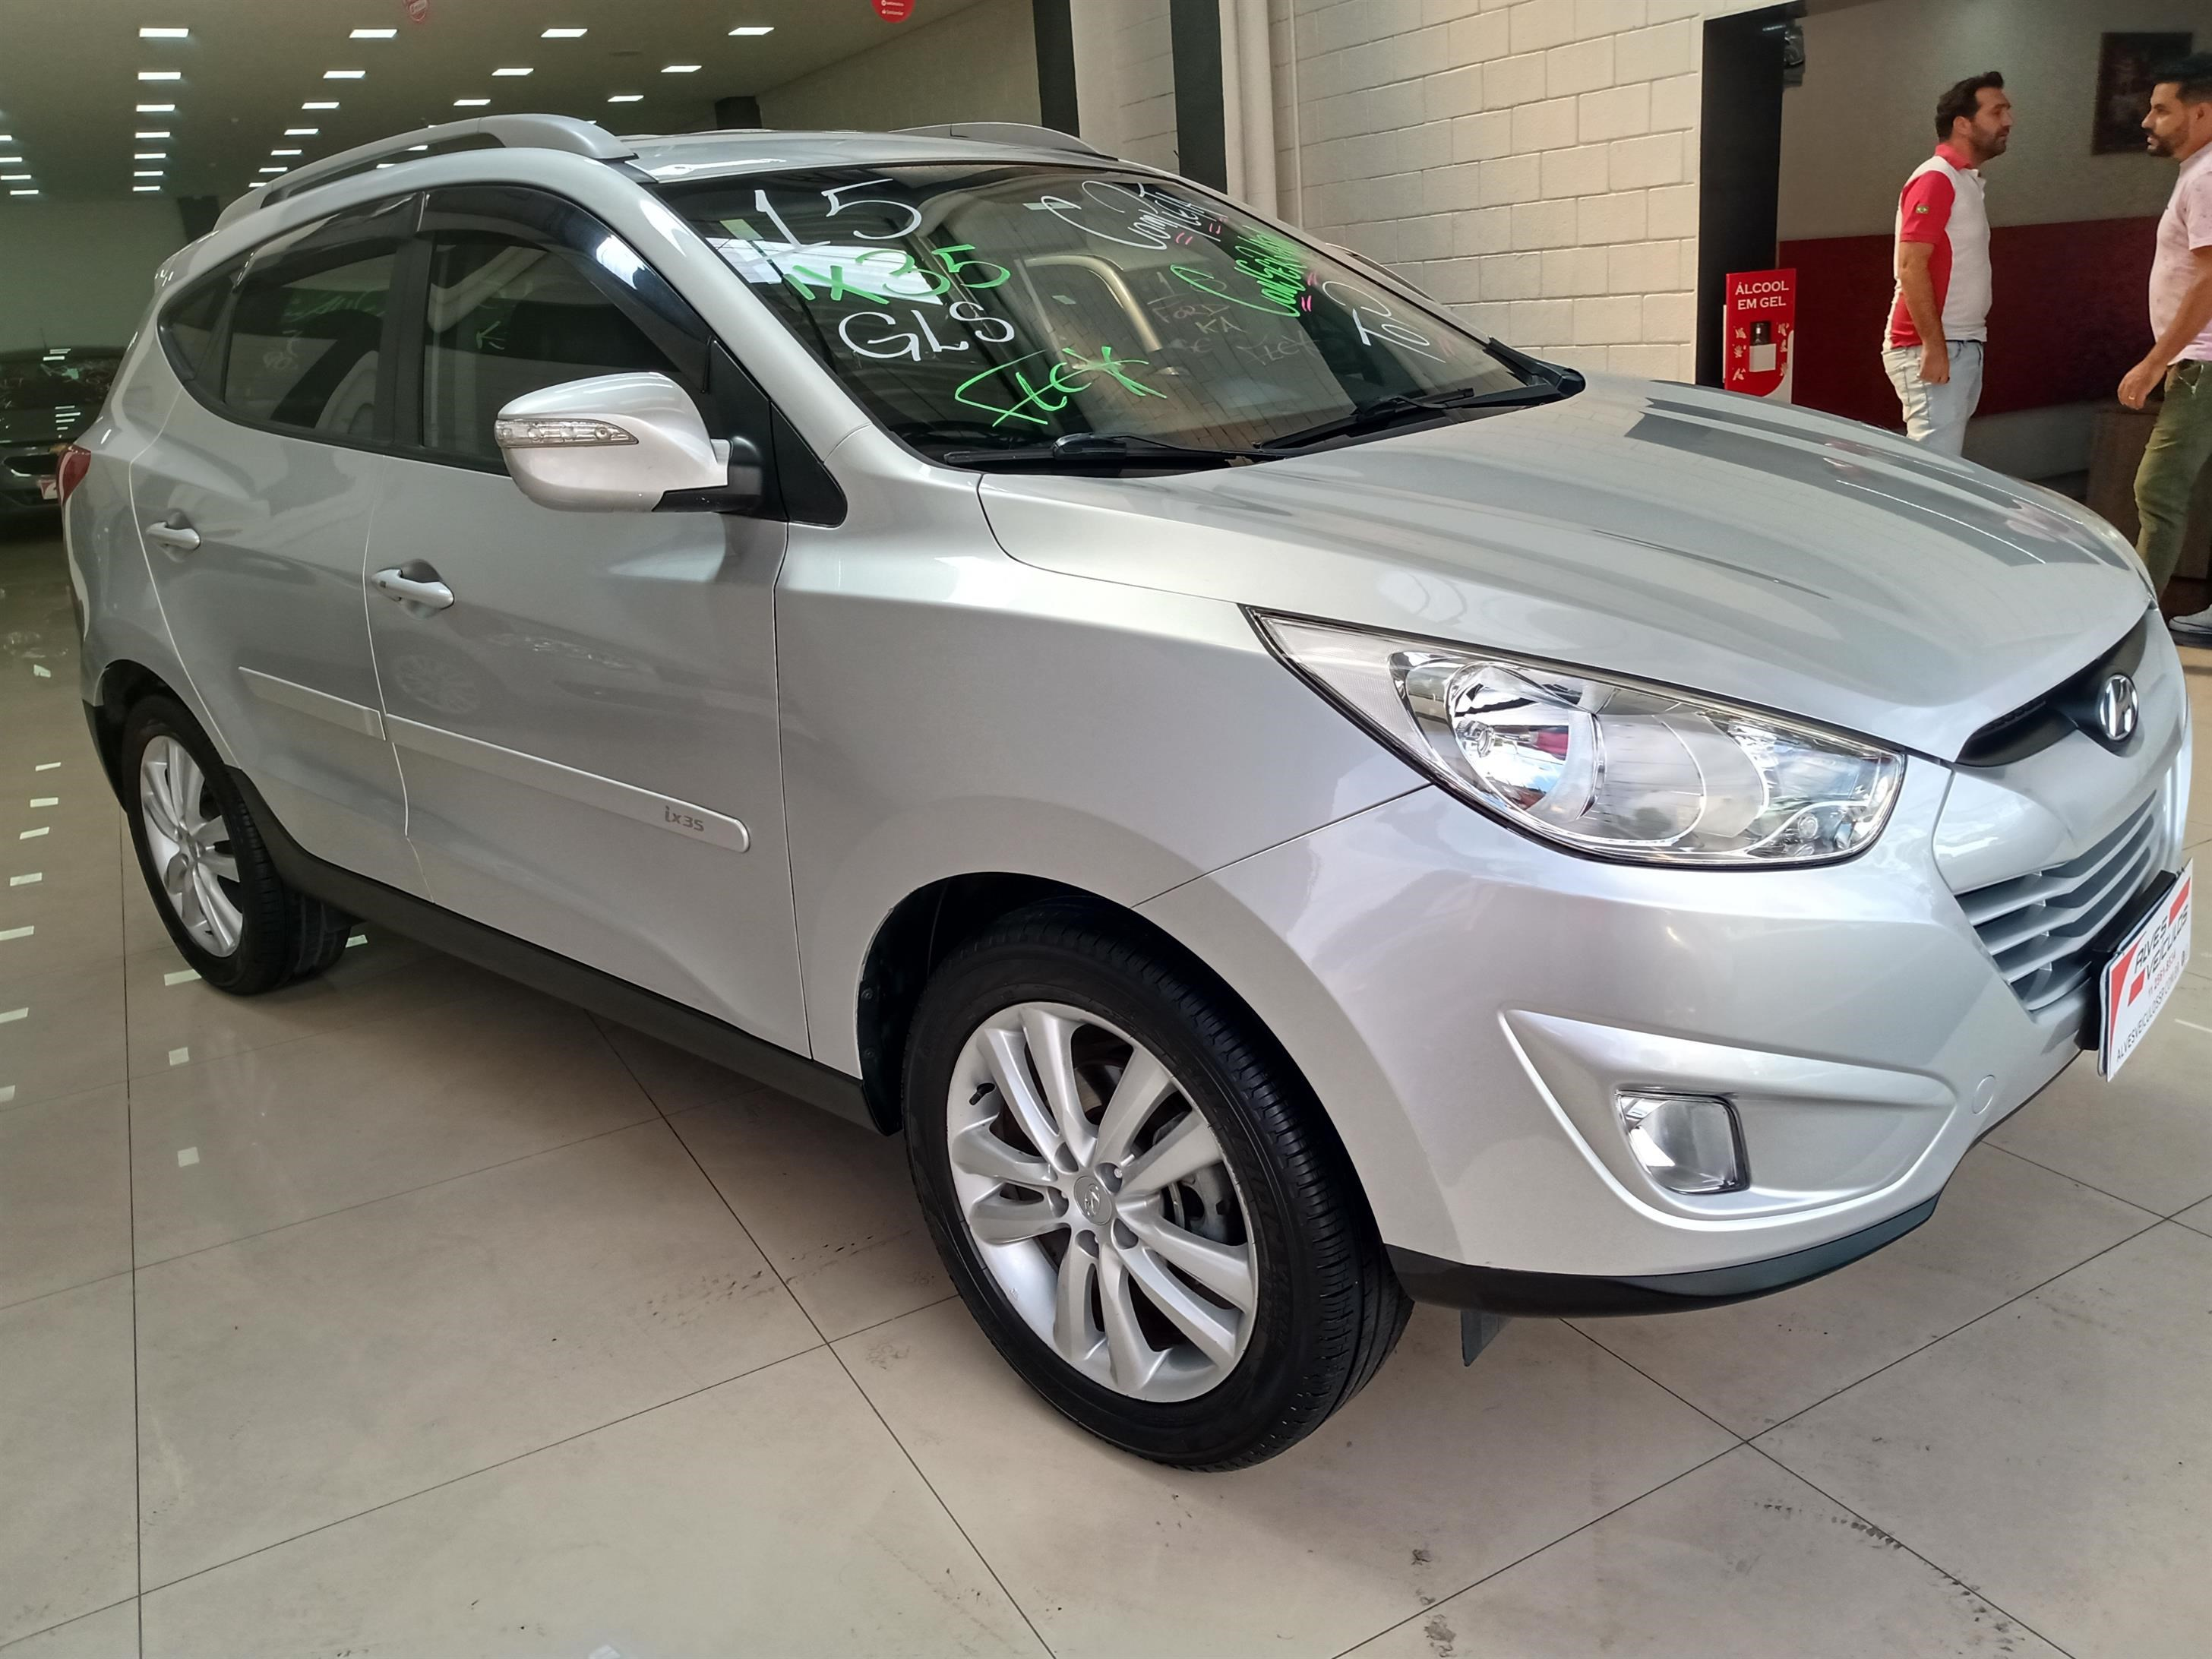 //www.autoline.com.br/carro/hyundai/ix35-20-16v-flex-4p-automatico/2015/sao-paulo-sp/14277657